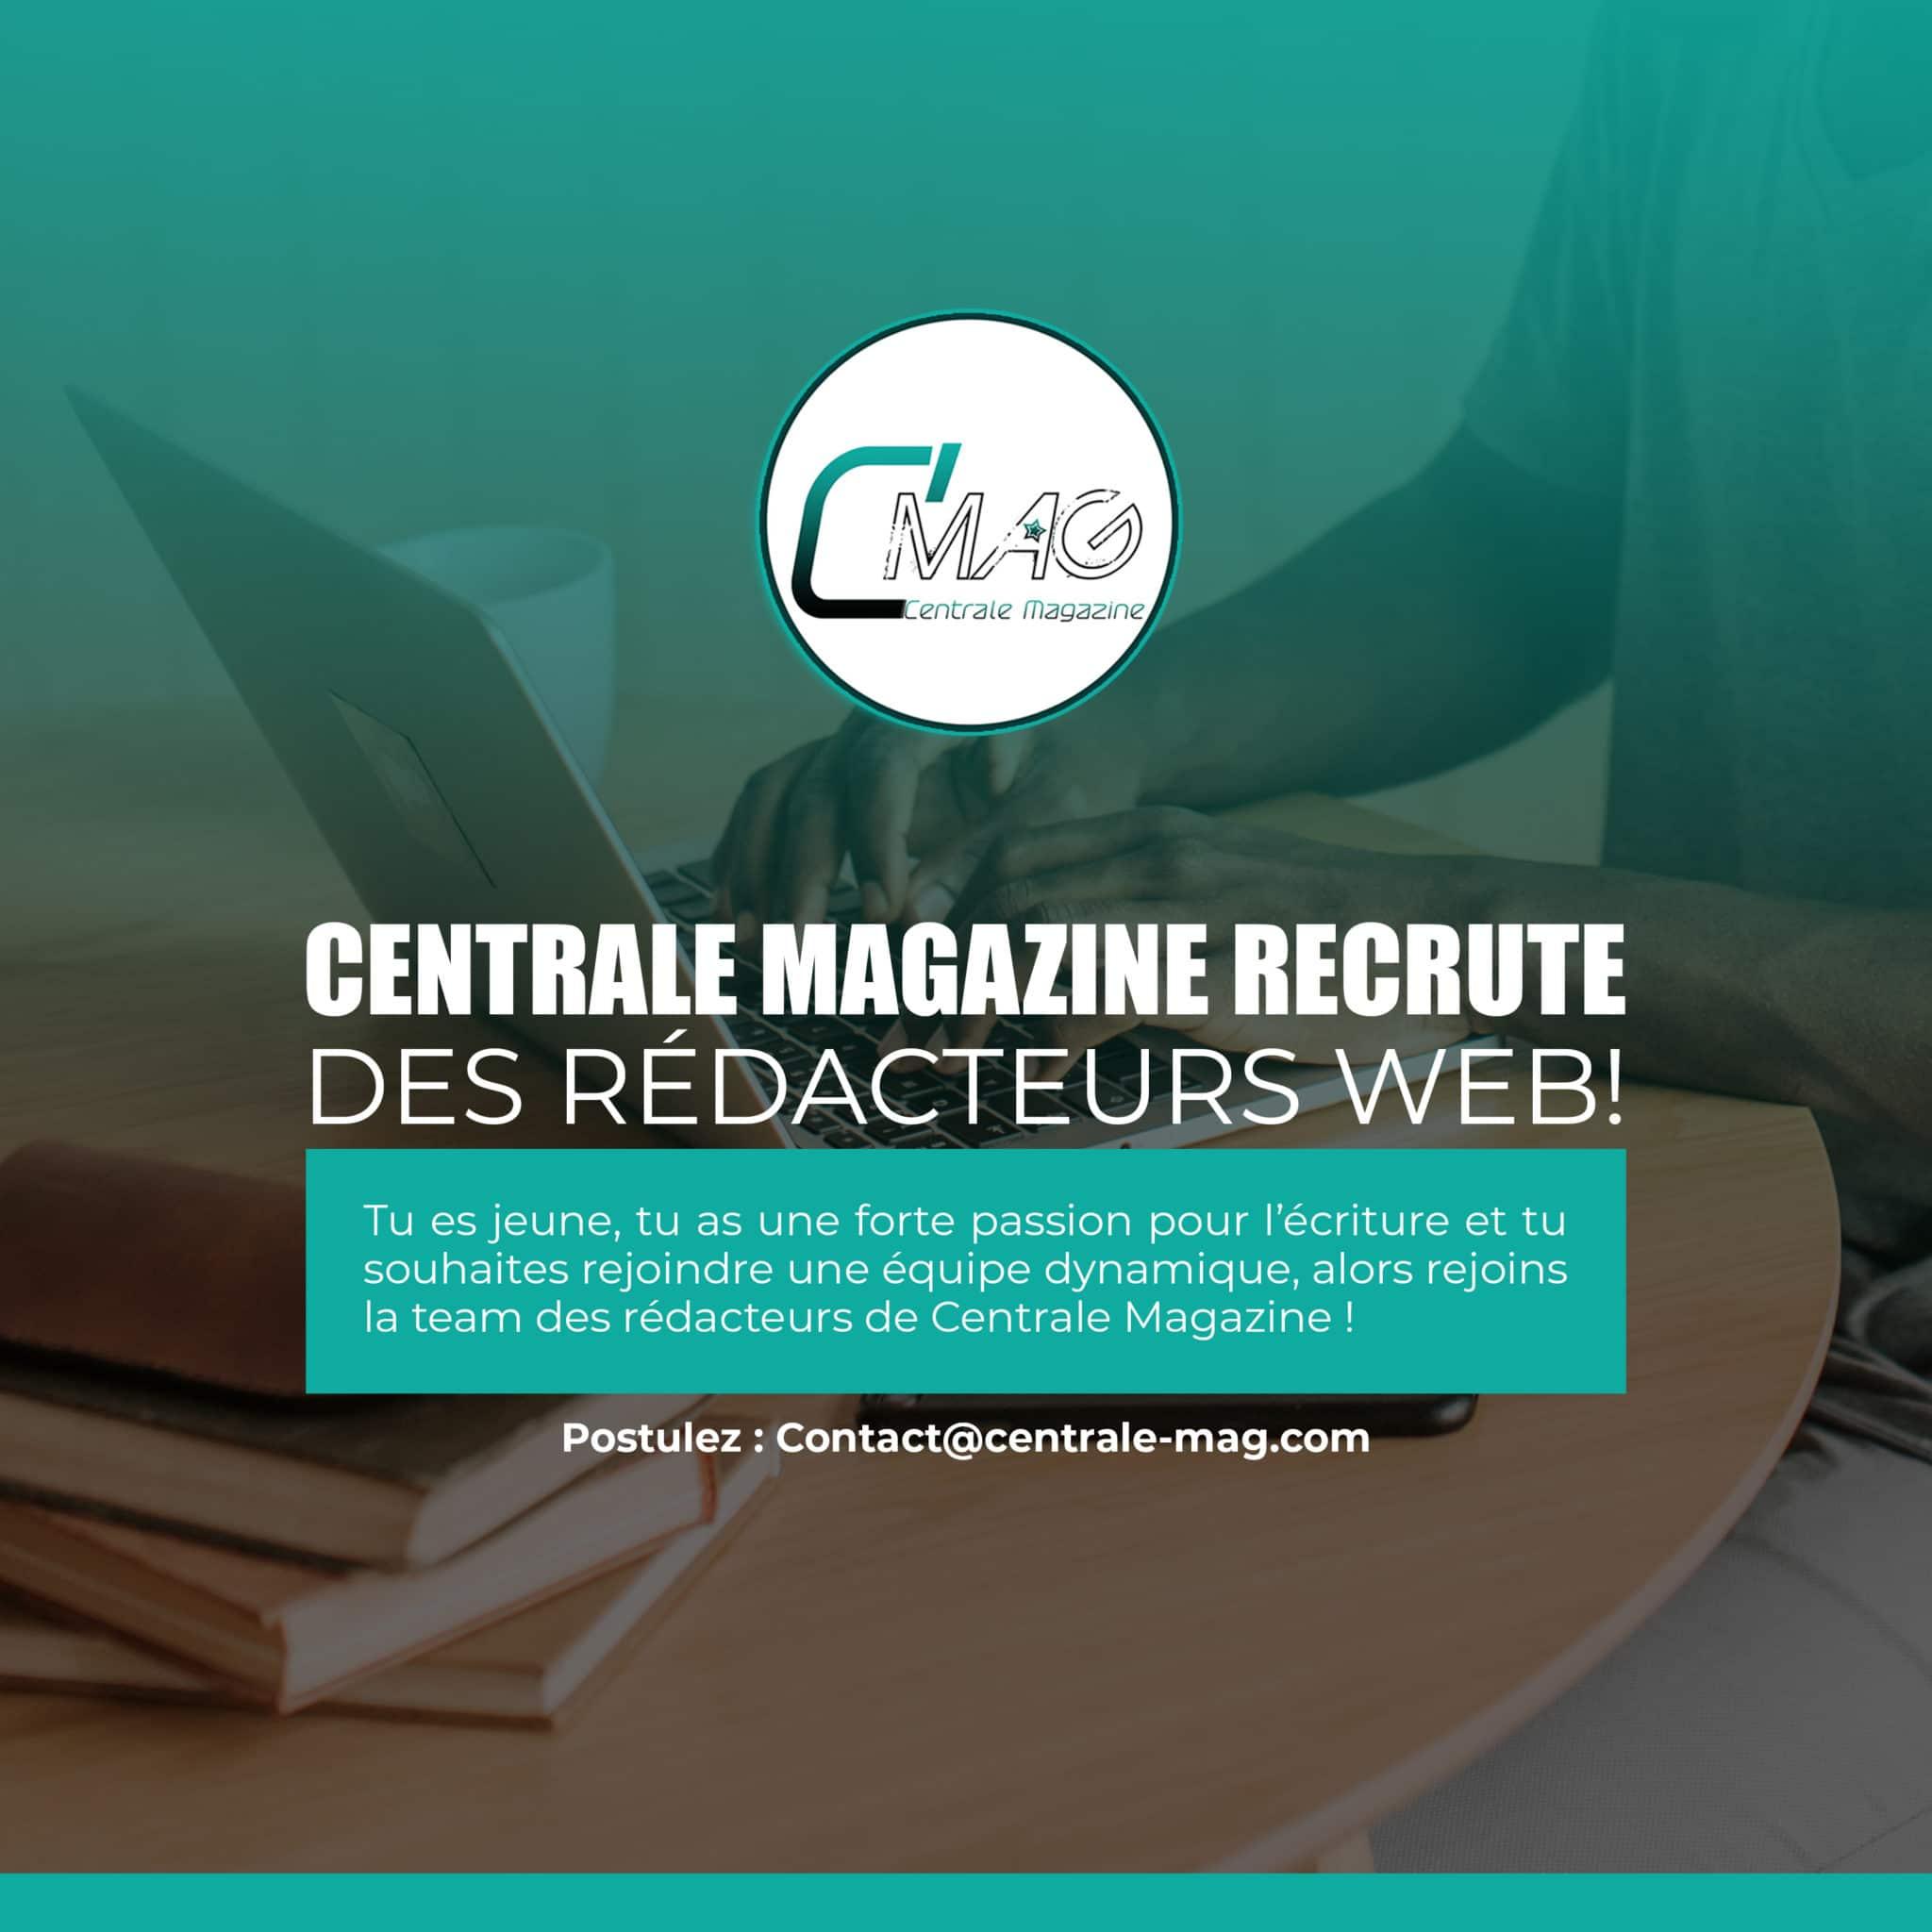 Centrale Magazine Recrute des Rédacteurs Web